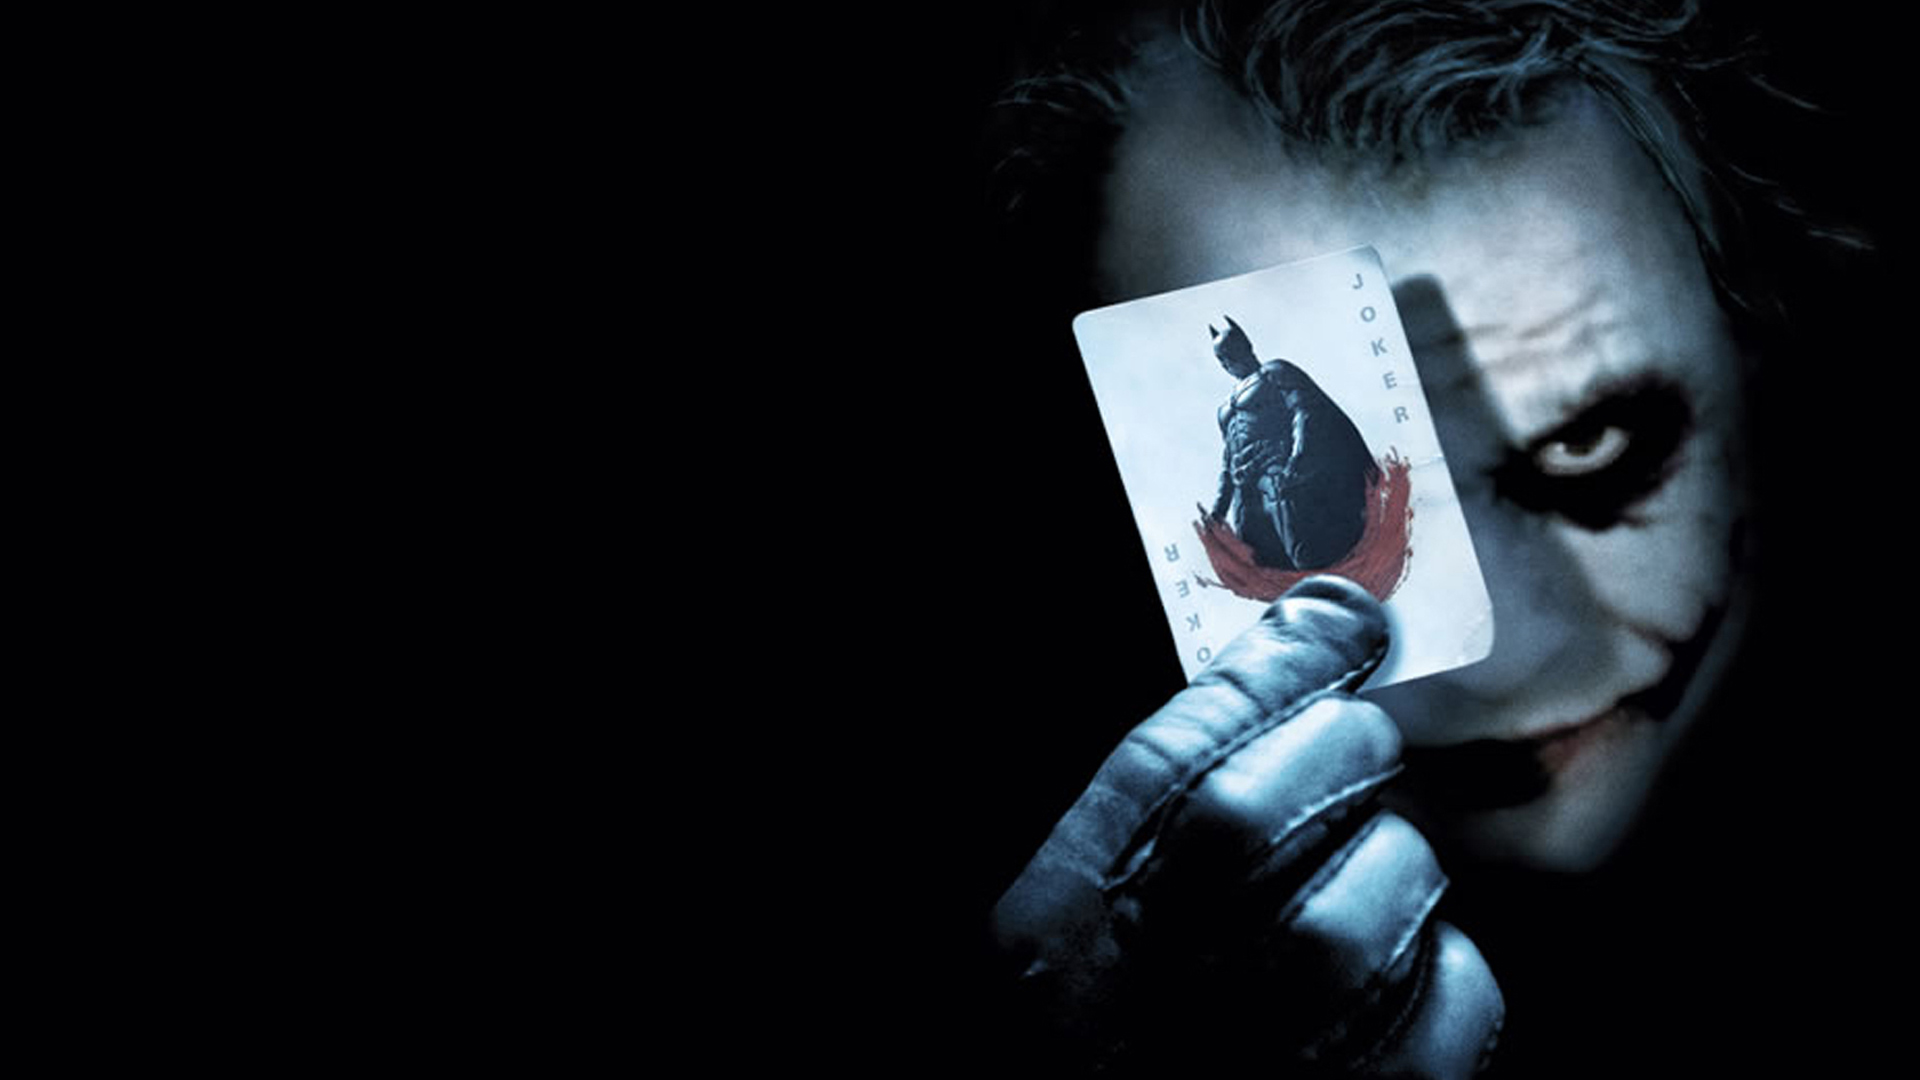 Joker Heath Ledger Why So Serious - wallpaper